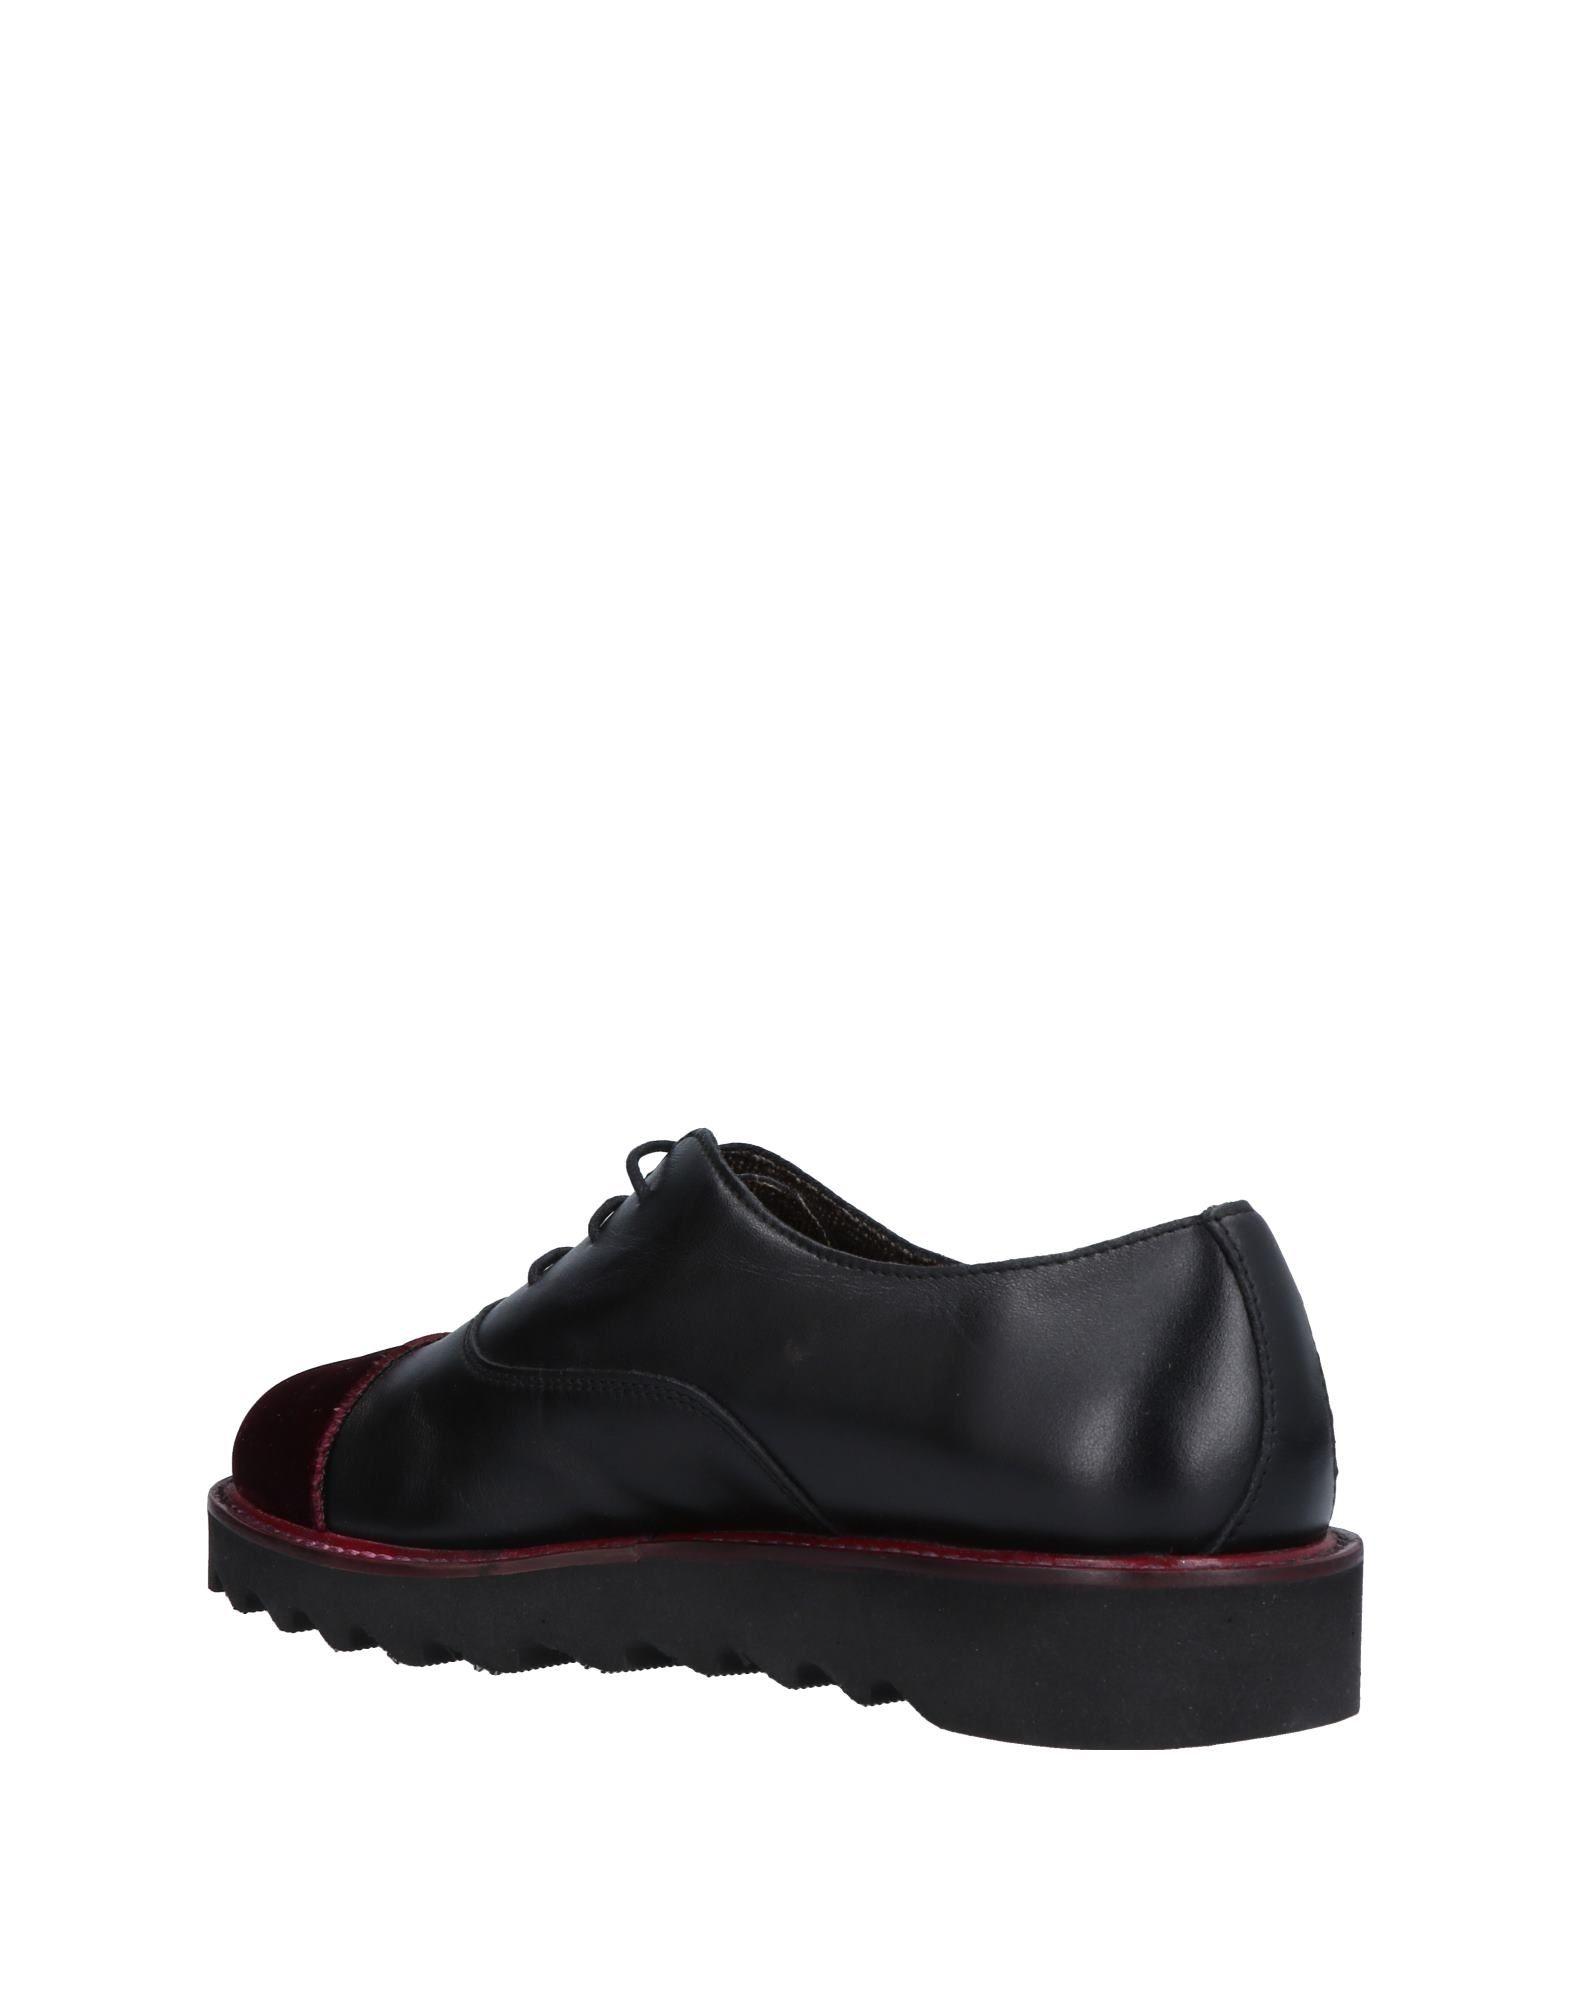 Gut um Schnürschuhe billige Schuhe zu tragen( Verba ) Schnürschuhe um Damen  11488221FK 5fe83e